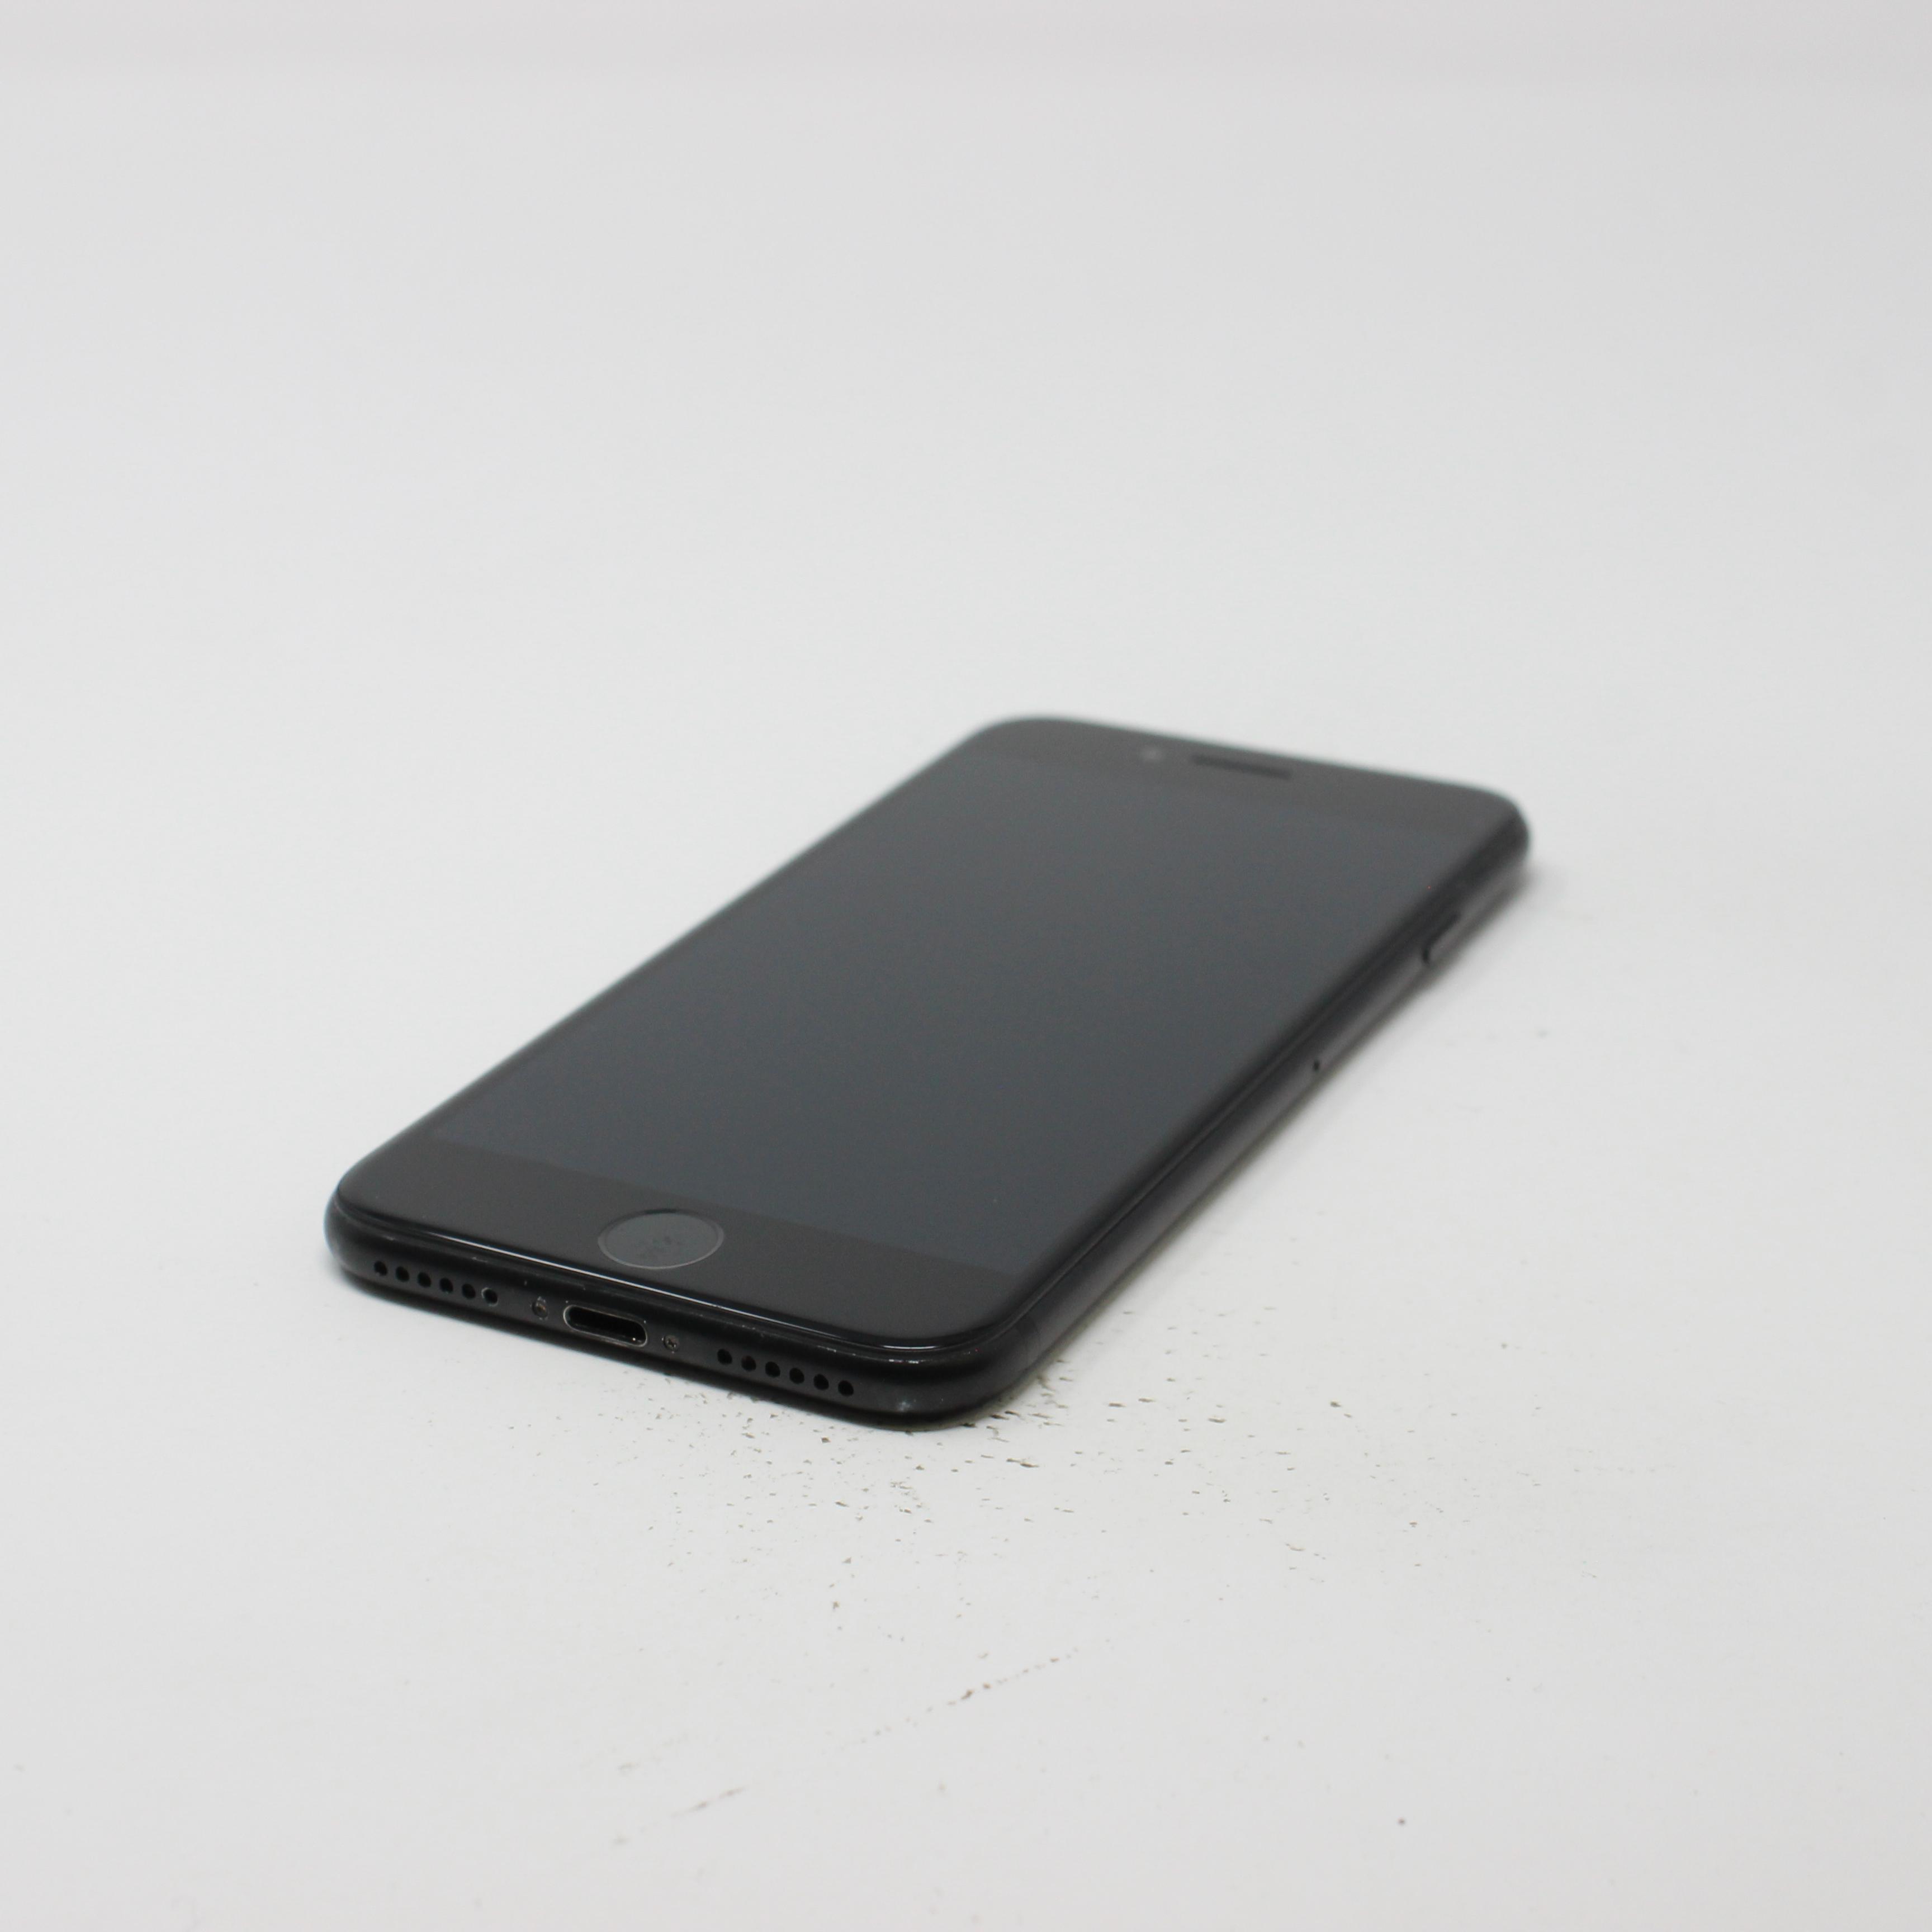 iPhone 7 128GB Black - AT&T photo 6   UpTradeit.com